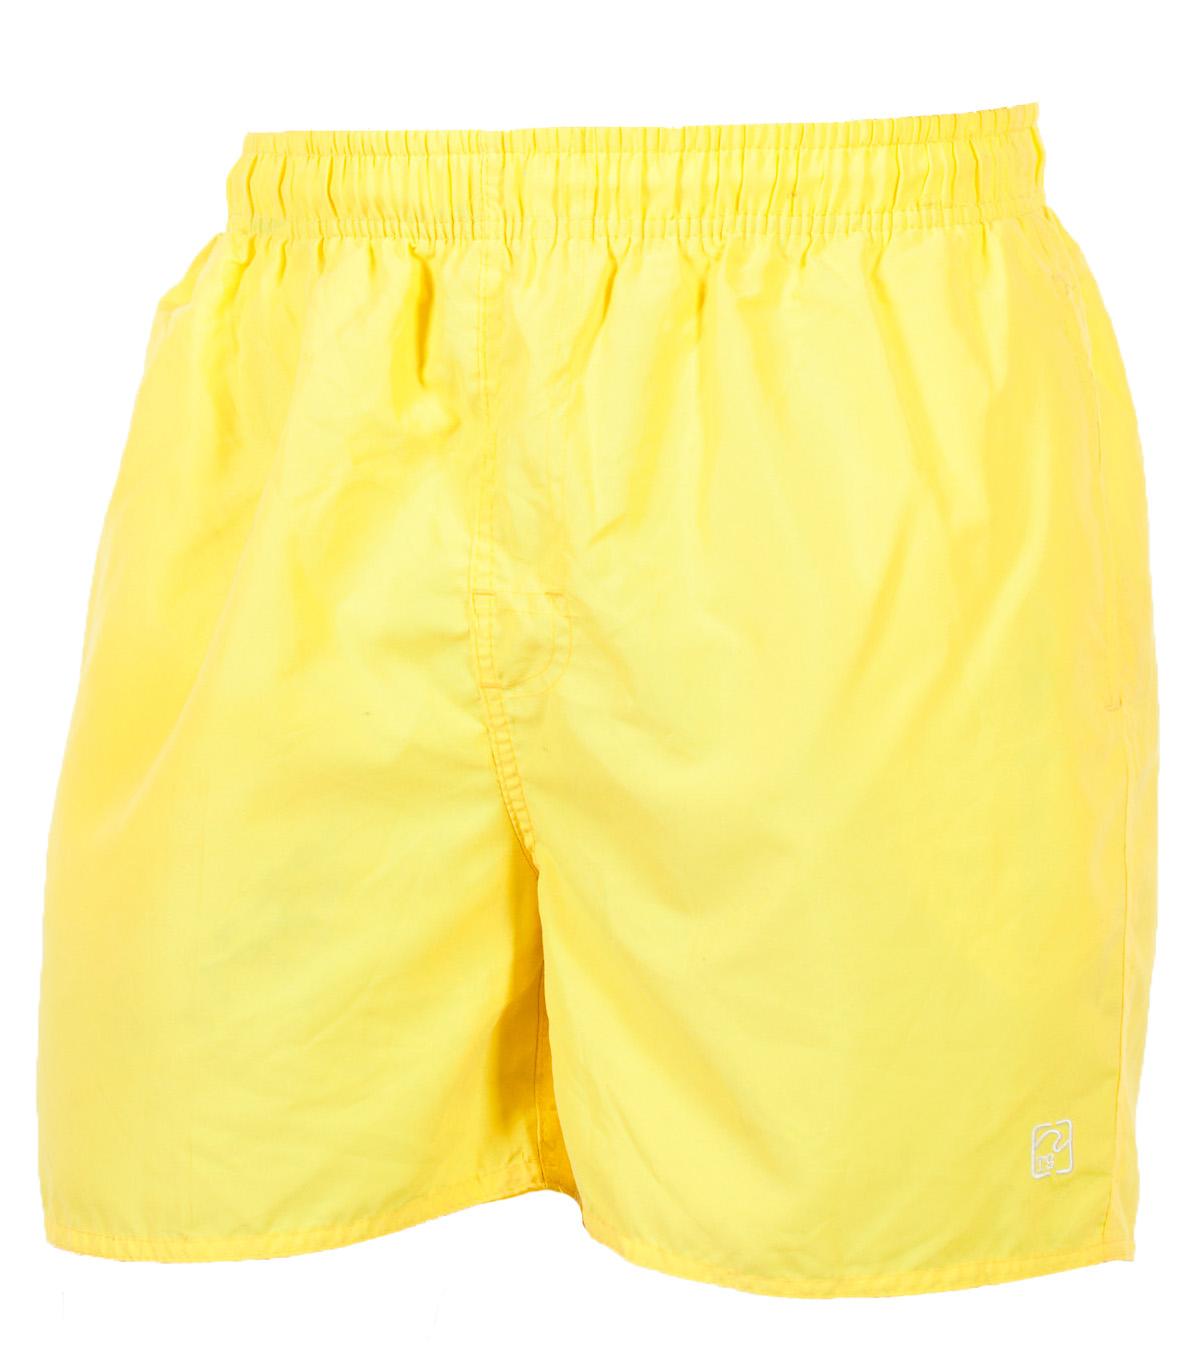 Заказать шикарные ярко-жёлтые мужские шорты от Dead Legacy